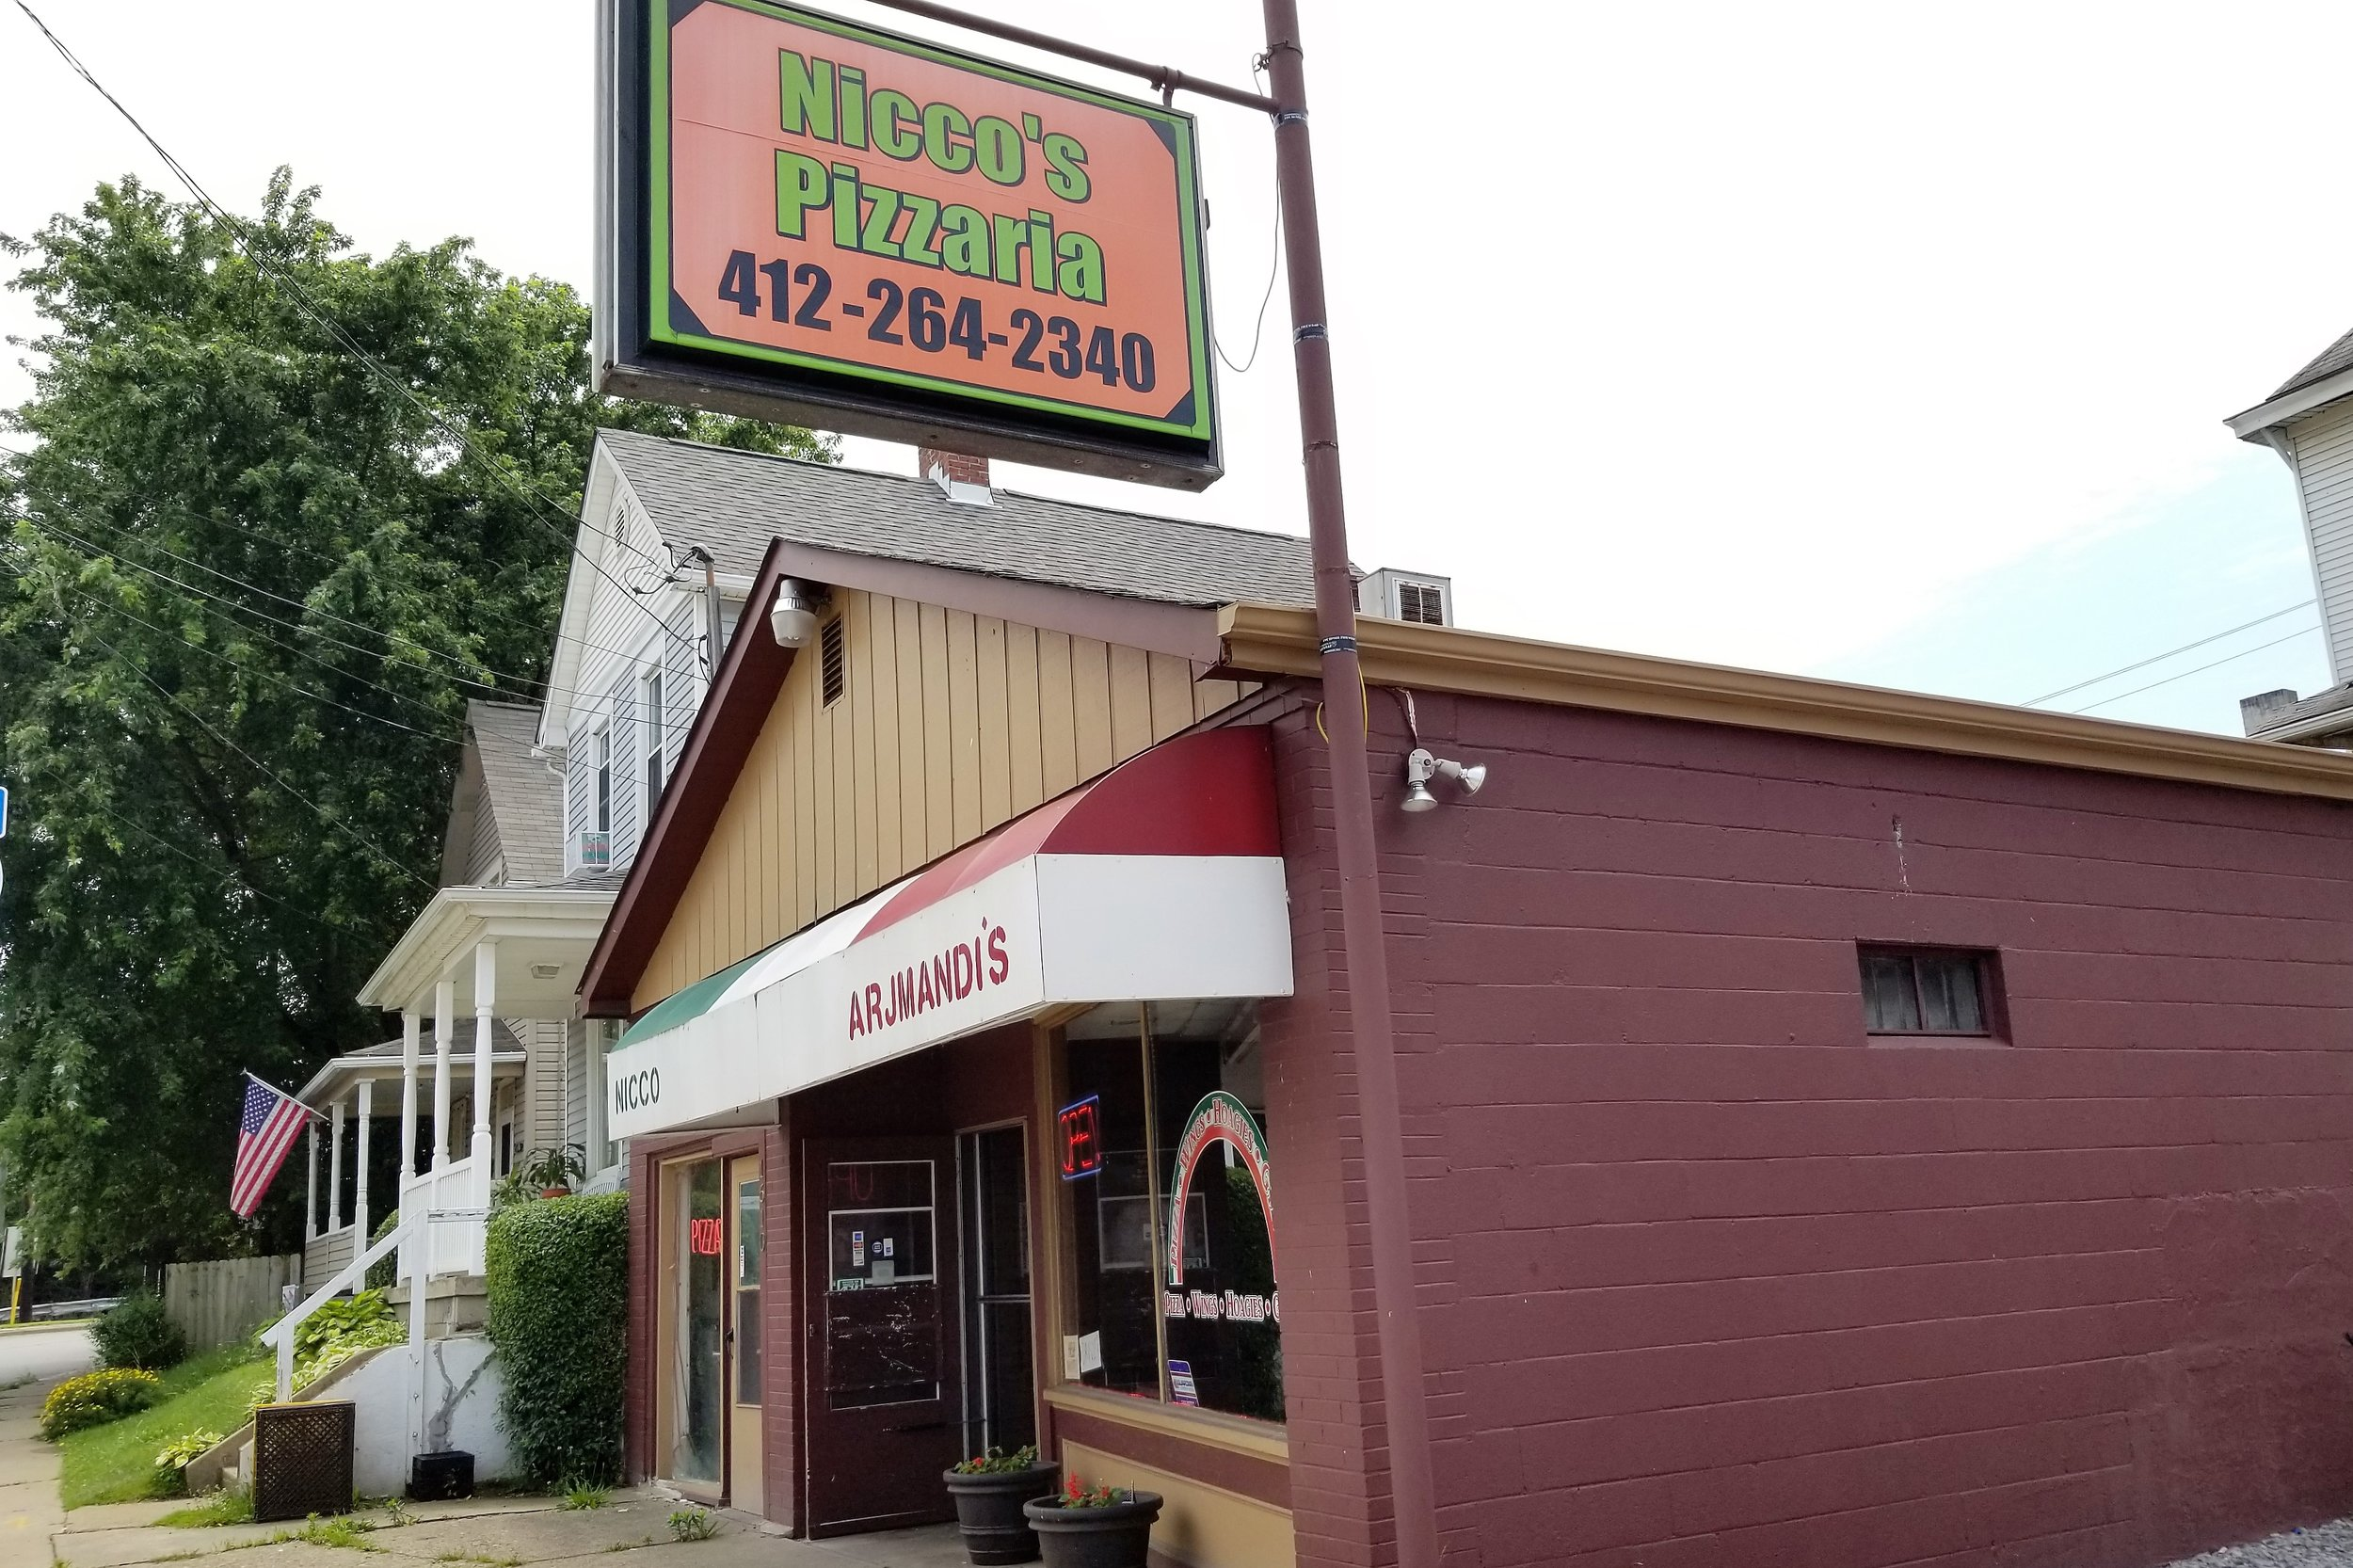 Nicco's Pizzaria - 1610 5th Ave, (412) 264-2340